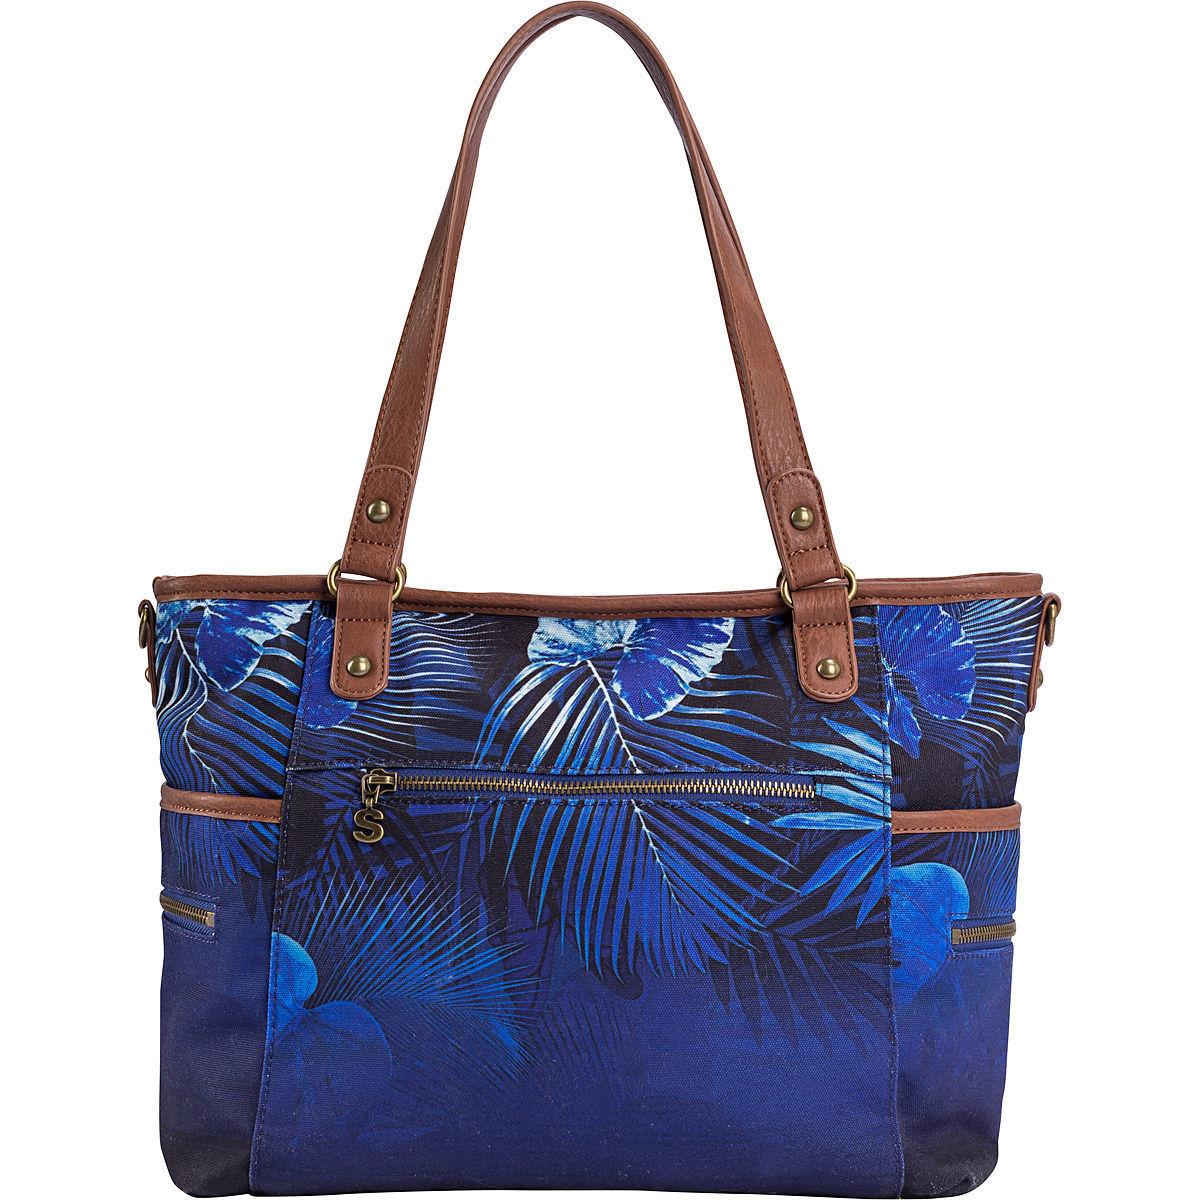 Bild 2 von Desigual Damen Handtasche